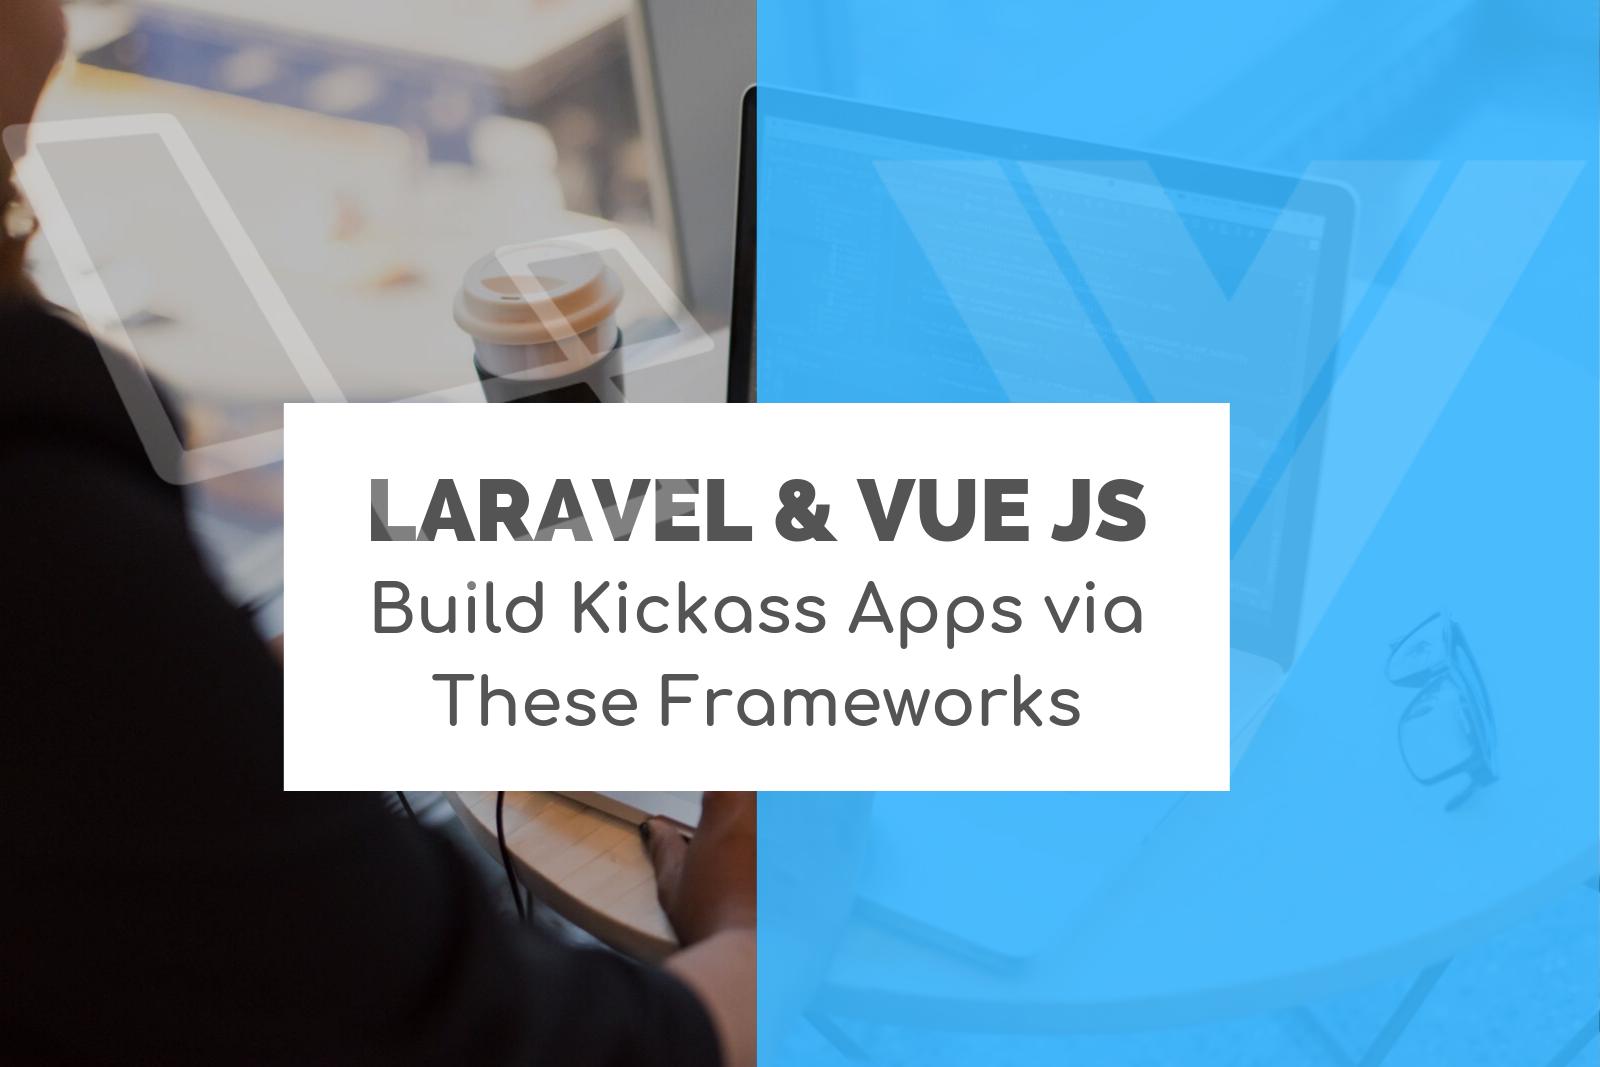 Laravel & Vue JS App Development Framework